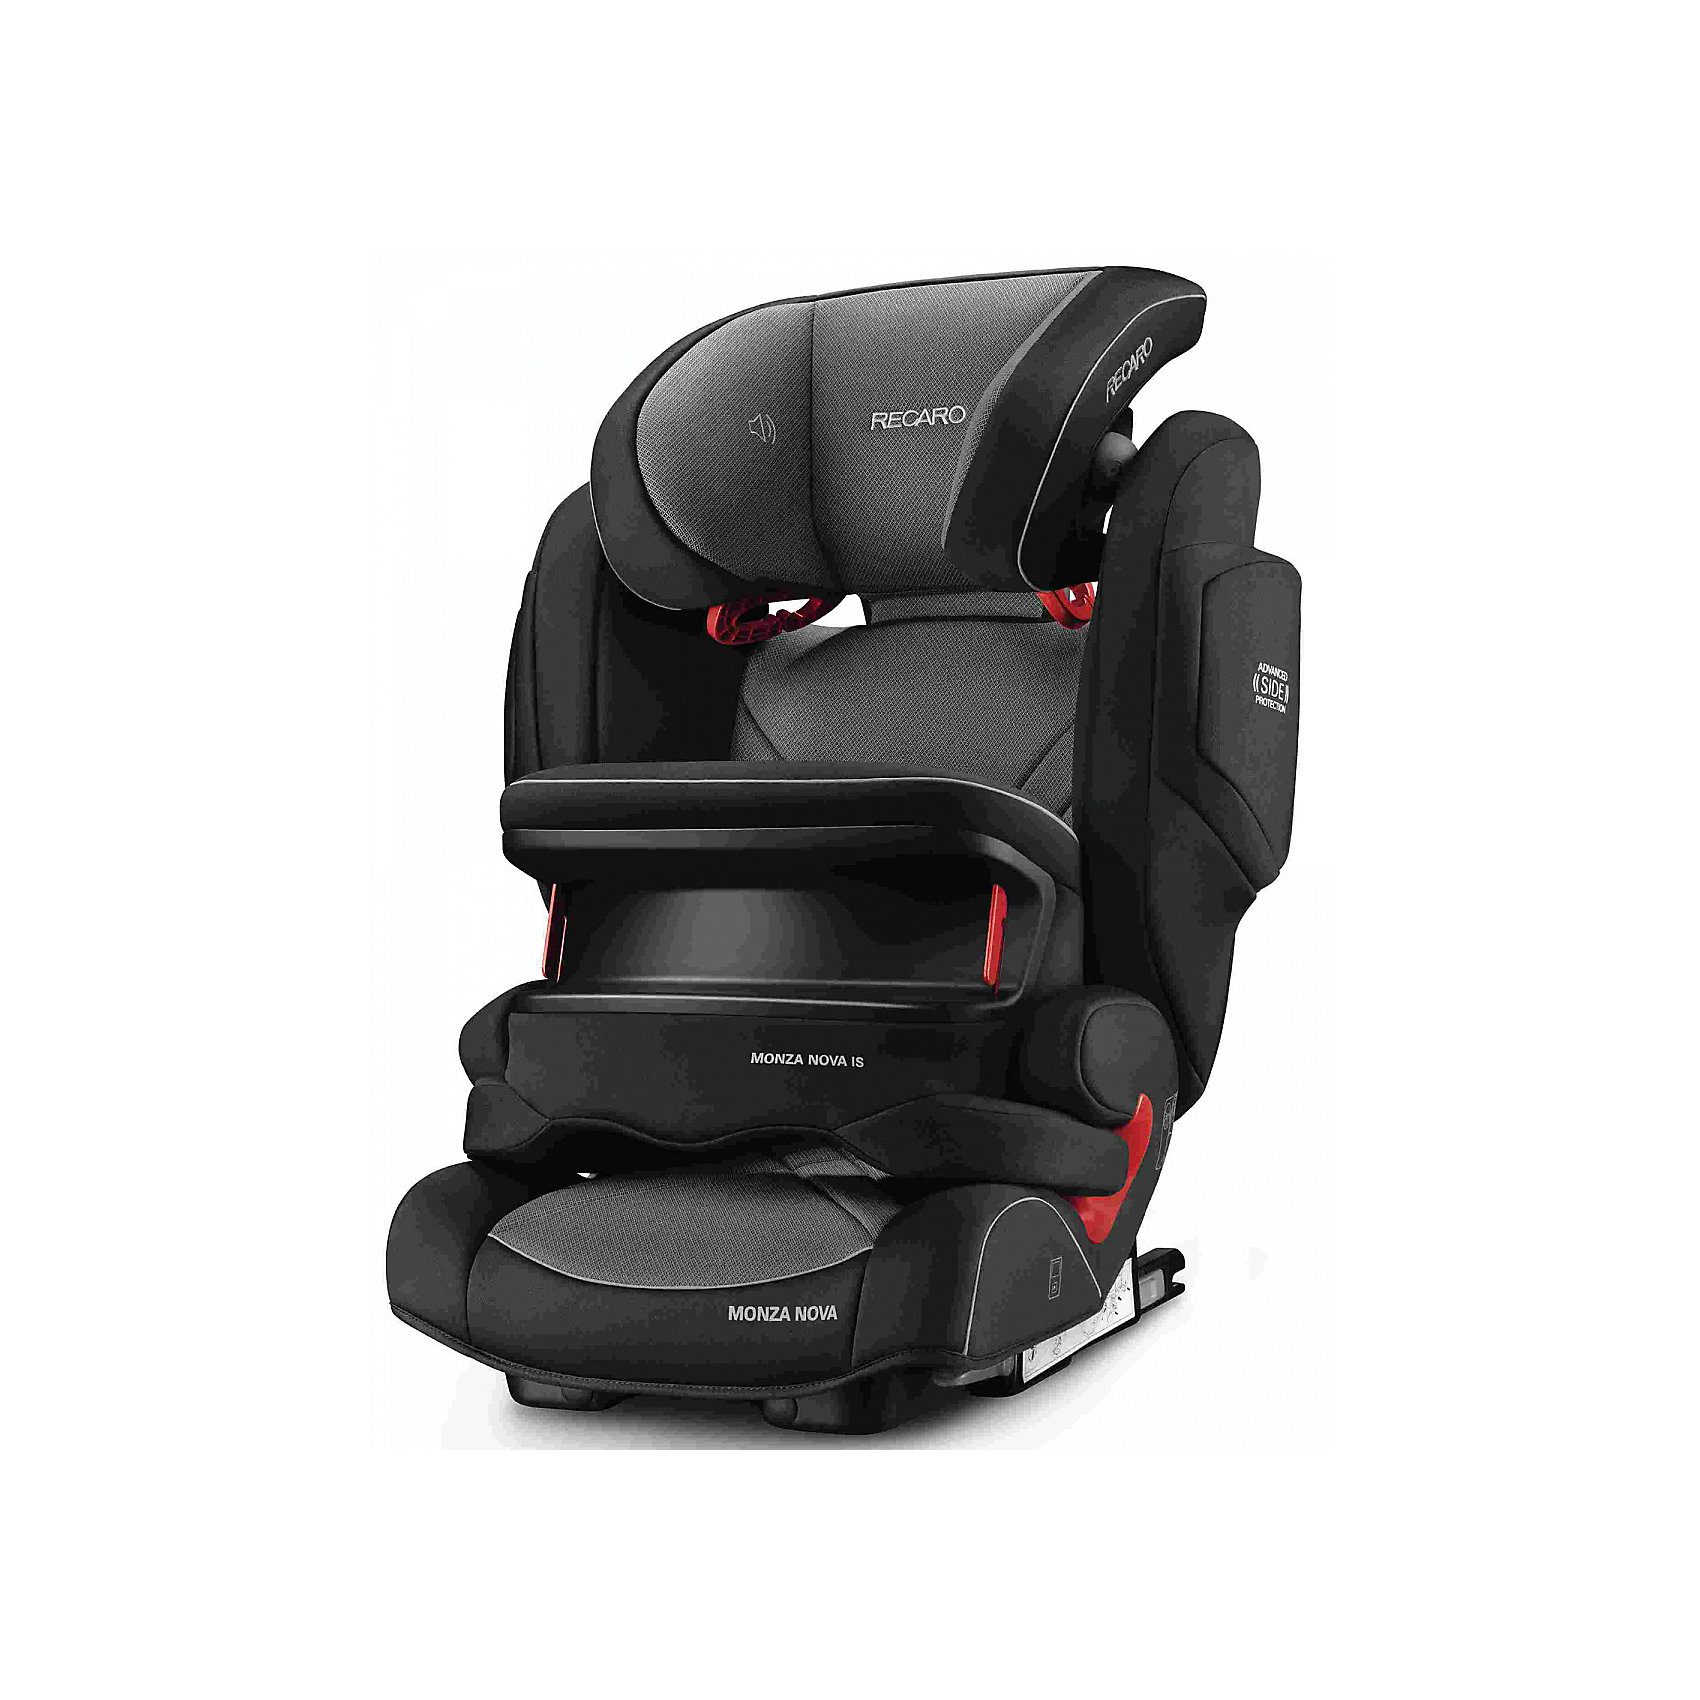 Автокресло RECARO Monza Nova IS Seatfix 9-36 кг, Carbon BlackГруппа 1-2-3 (От 9 до 36 кг)<br>Характеристики:<br><br>• группа: 1/2/3;<br>• вес ребенка: 9-36 кг;<br>• возраст ребенка: от 9 месяцев до 12 лет;<br>• способ крепления: IsoFix или штатными ремнями безопасности автомобиля;<br>• способ установки: лицом по ходу движения автомобиля;<br>• регулируется высота подголовника: 11 положений;<br>• имеется ростомер;<br>• регулируется глубина подголовника;<br>• перед ребенком находится специальный жесткий столик, который обеспечивает максимальную защиту ребенка от ударов при столкновении и резком торможении;<br>• угол наклона спинки подгоняется под угол сиденья автомобиля, слегка откидывается назад;<br>• имеются подлокотники, высота не меняется;<br>• сетчатый кармашек на боковой стороне автокресла;<br>• под сиденьем автокресла имеются пластиковые опорные элементы;<br>• в боковинках автокресла находятся встроенные динамики;<br>• усиленная боковая защита, 12 см;<br>• материал: пластик, полиэстер;<br>• размеры автокресла: 48х55х74 см;<br>• вес: 8 кг.<br><br>Автокресло Monza Nova IS Seatfix будет сопровождать вас и вашего кроху вплоть до достижения ребенком возраста 12 лет. Автокресло укомплектовано дополнительными аксессуарами для наибольшей безопасности ребенка на каждом этапе его взросления. Когда вес малыша находится в пределах 9-18 кг, эргономичный защитный столик вместе с 3-х точечным ремнем безопасности автомобиля обеспечивают максимальную безопасность. Автокресло обязательно используется со столиком, пока кроха не достигнет определенного роста и веса (95 см/18 кг).<br><br>Автокресло устанавливается на заднем сидении автомобиля с помощью системы Изофикс. Выдвижные крепления кресла совмещаются с системой Изофикс в автомобиле.<br>Обивка автокресла выполнена из дышащего материала, который не впитывает посторонние запахи. Автокресло оснащено вентиляционными отверстиями для циркуляции воздуха и регуляции теплообмена. Чехлы автокресла съемные, допускается стирка при темпера